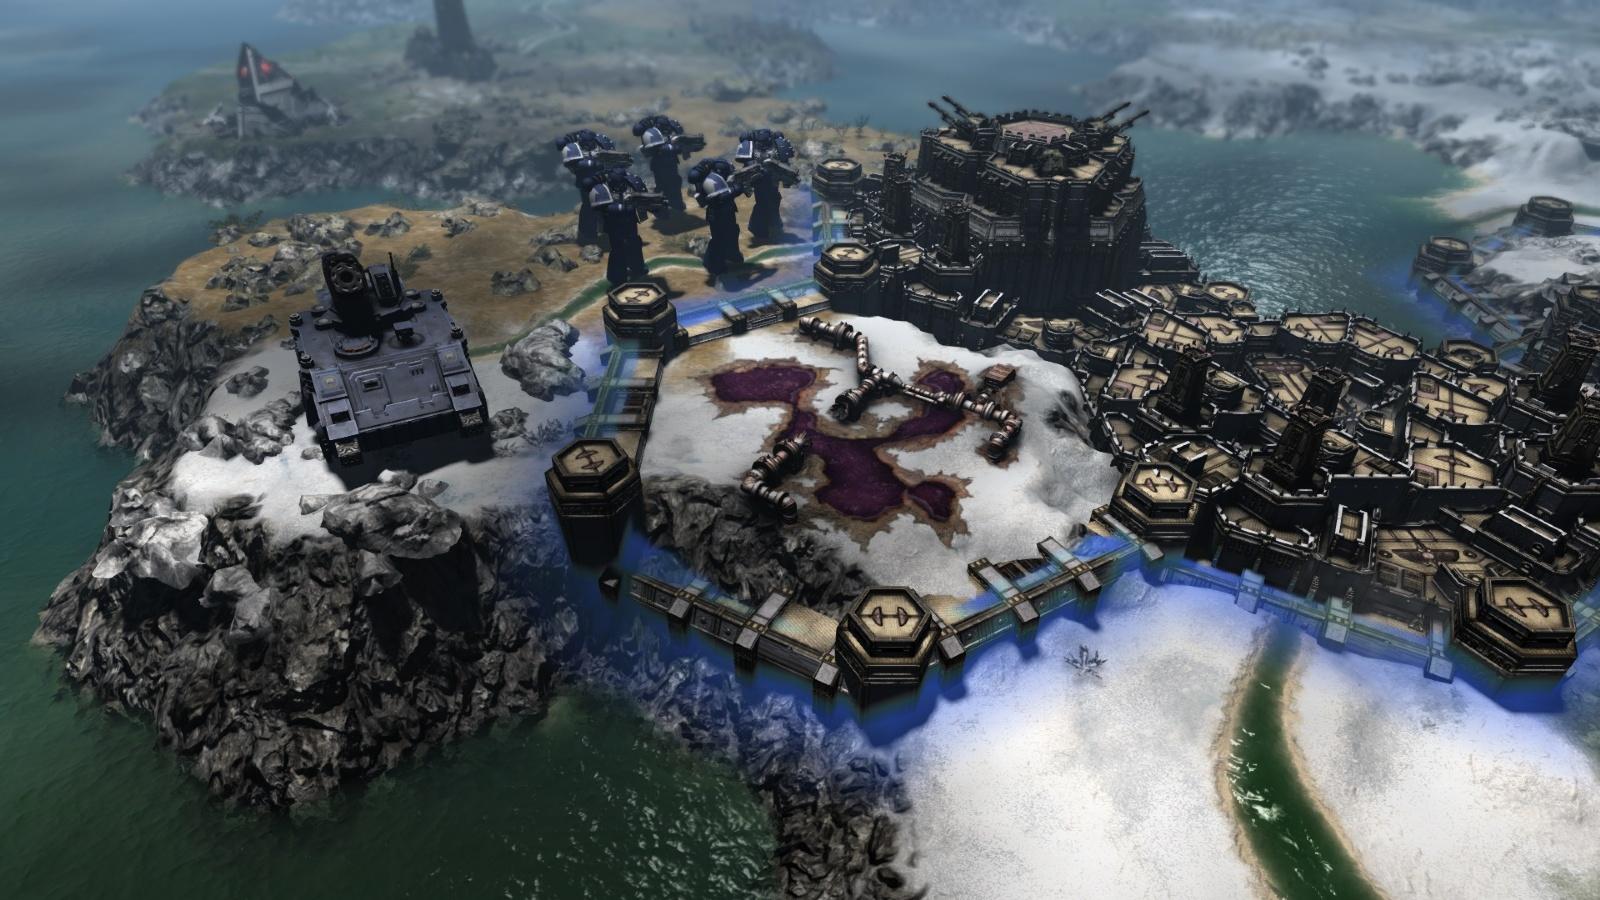 Čtyři odlišné zážitky slibuje 4X strategie ze světa Warhammeru 40,000 153195